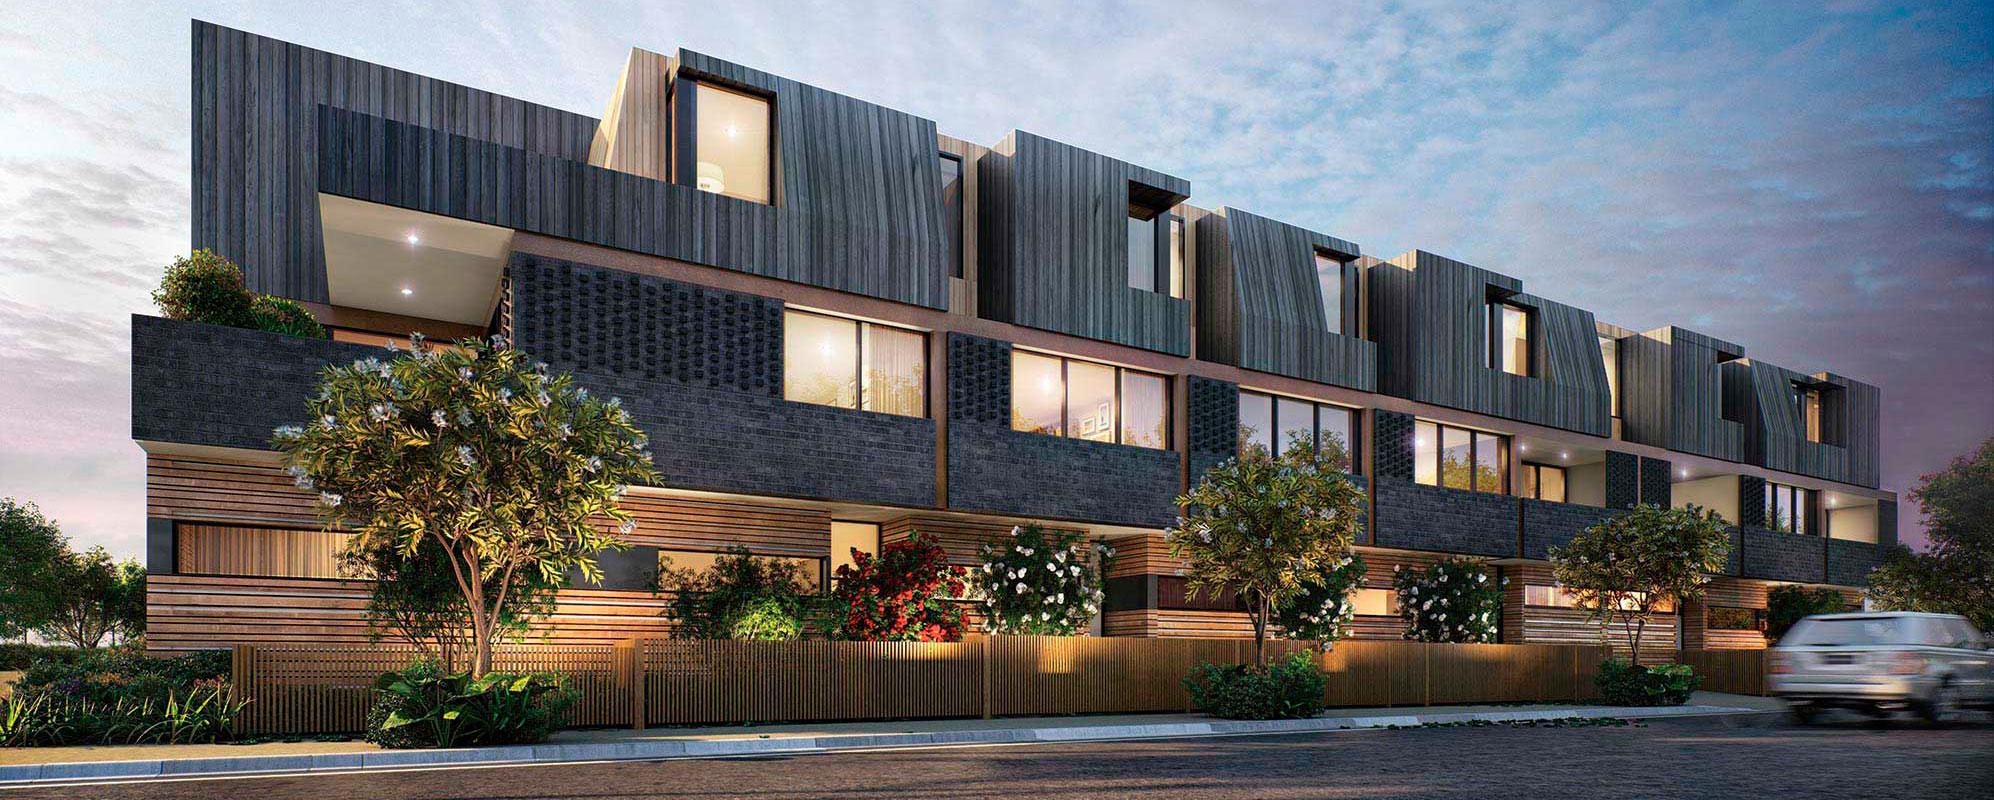 Австралия, жилой комплекс, квартира